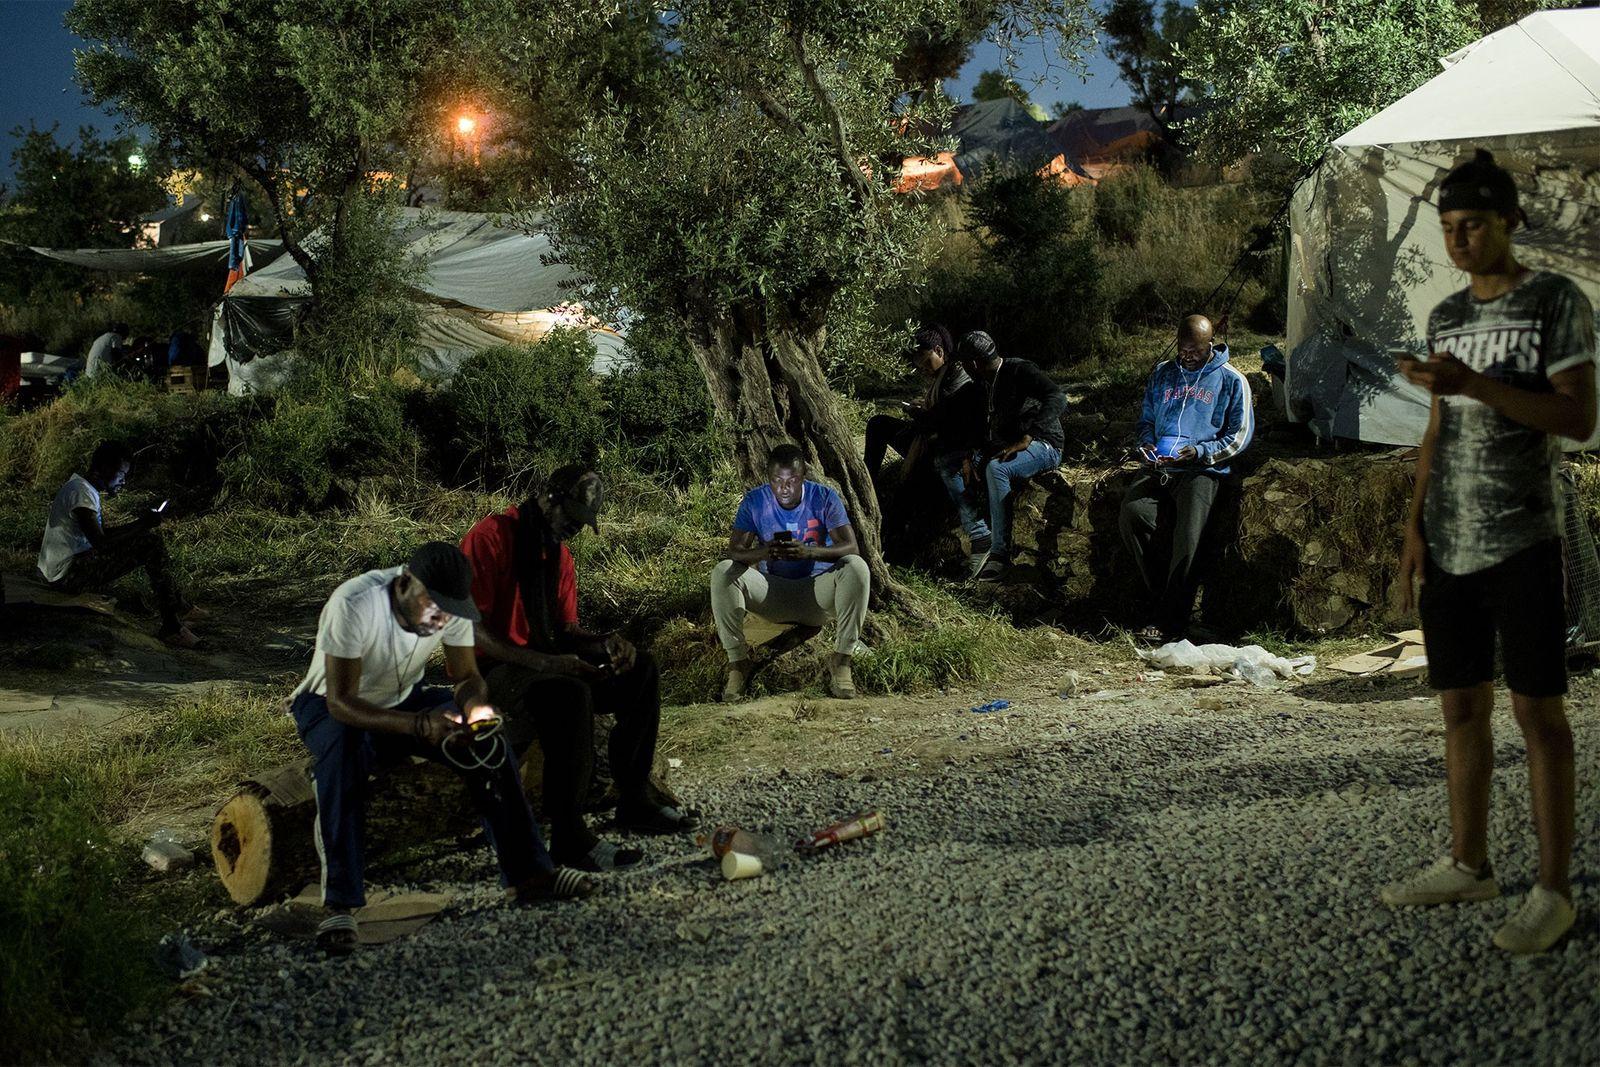 Des habitants du camp de fortune, surnommé l'Oliveraie, se rassemblent aux endroits où le réseau téléphonique ...